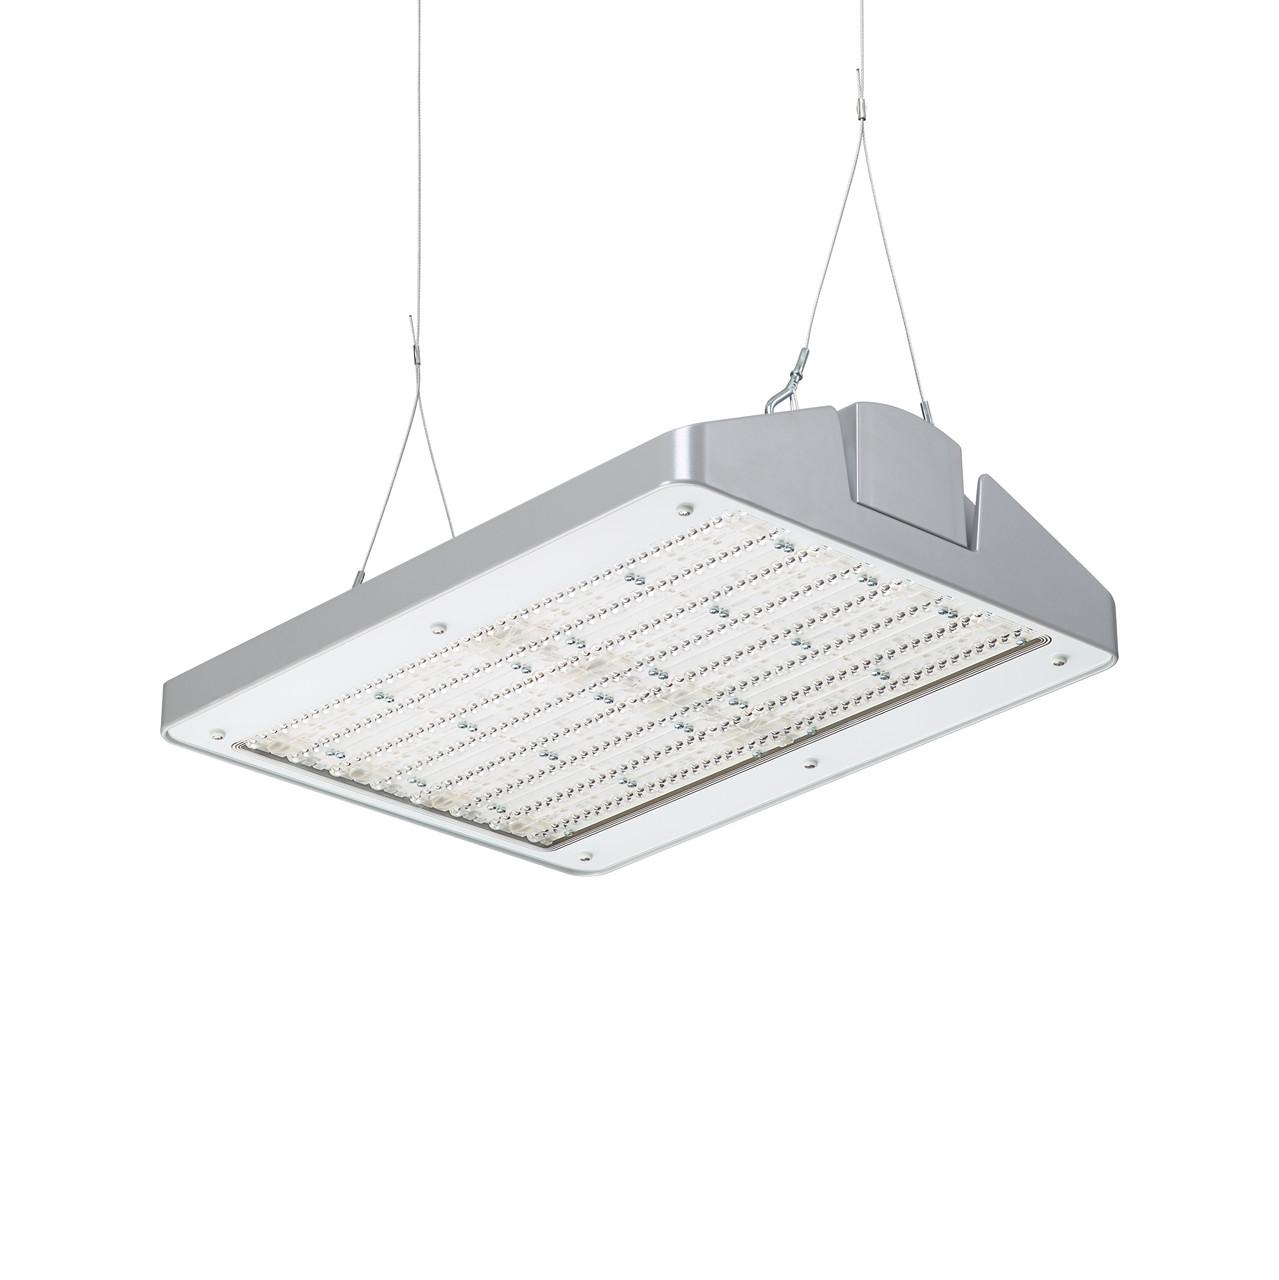 Hallenbeleuchtung mit Philips auf LED-Technik umstellen